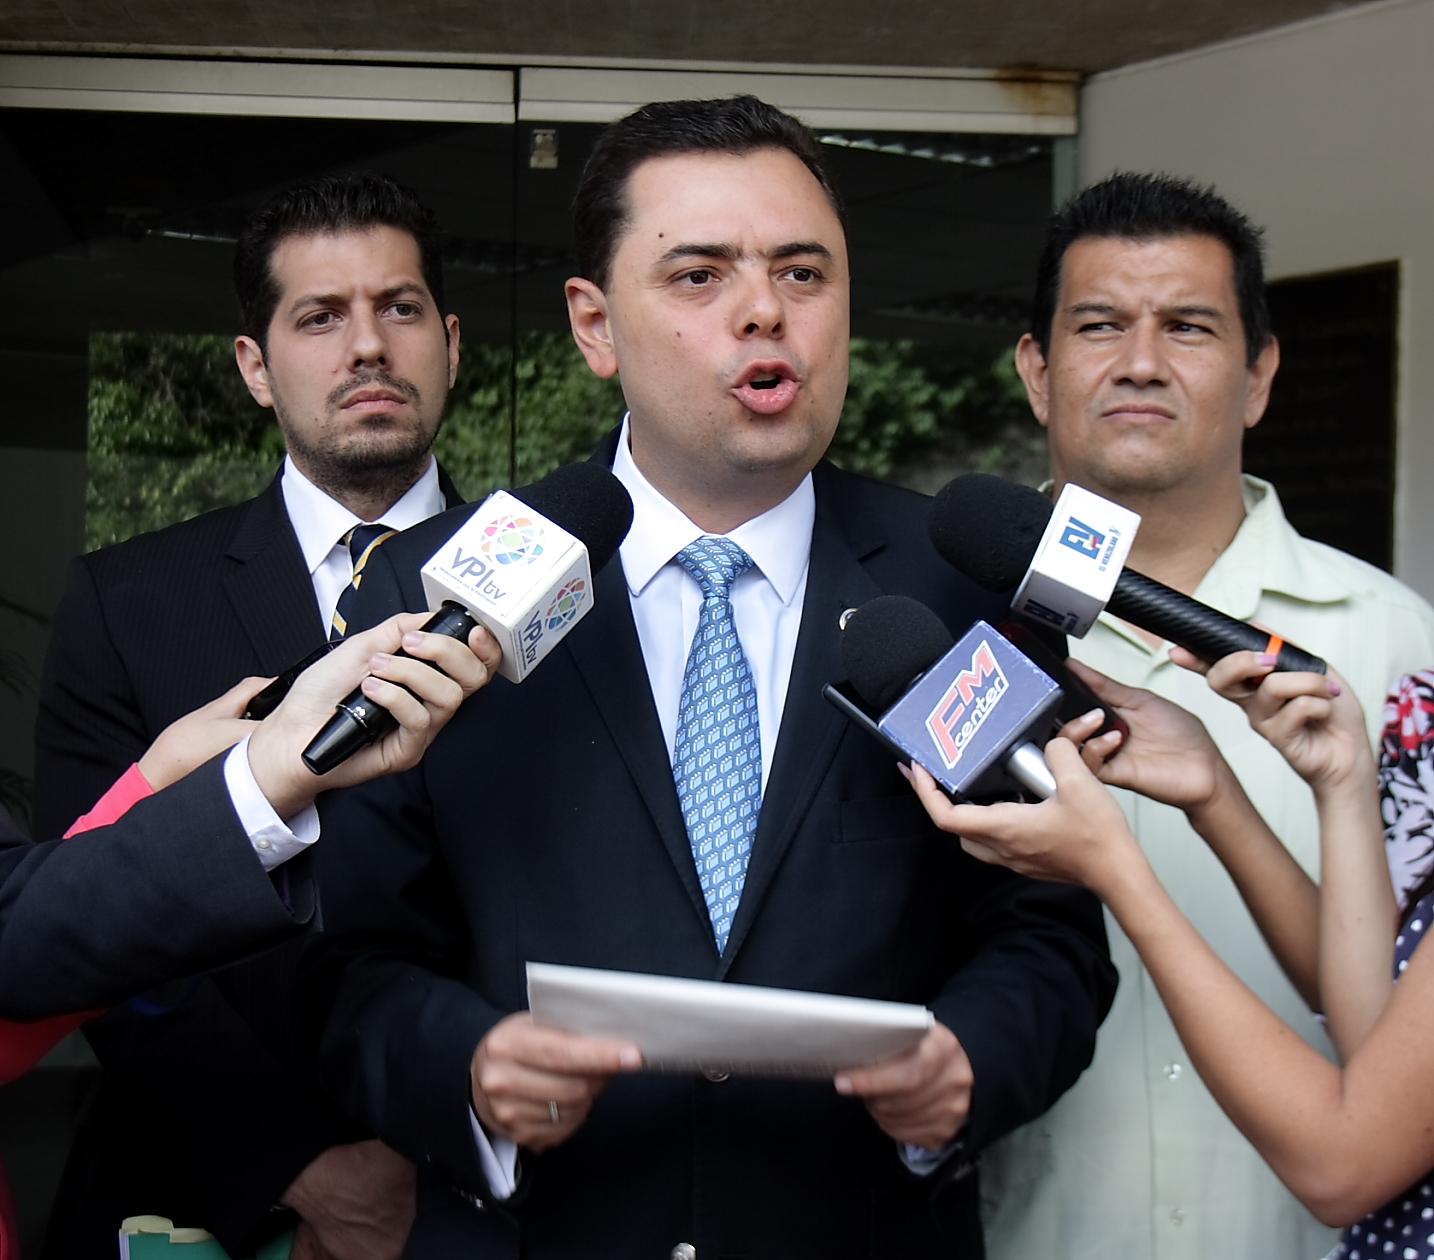 Foto: Prensa Antonio Ecarri